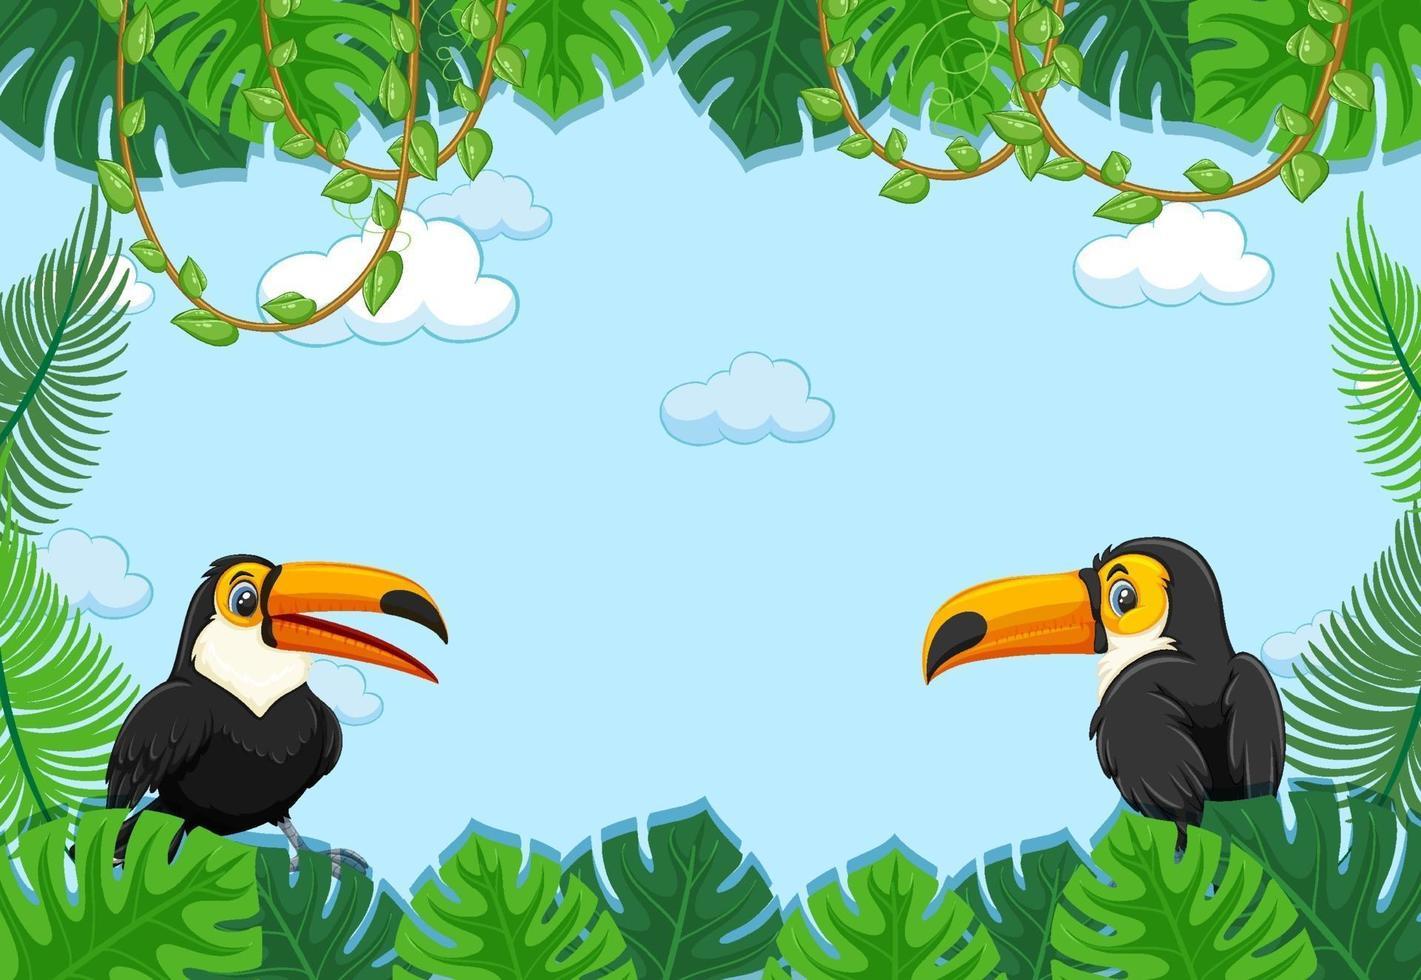 bannière vide avec cadre de feuilles tropicales et personnage de dessin animé toucan vecteur